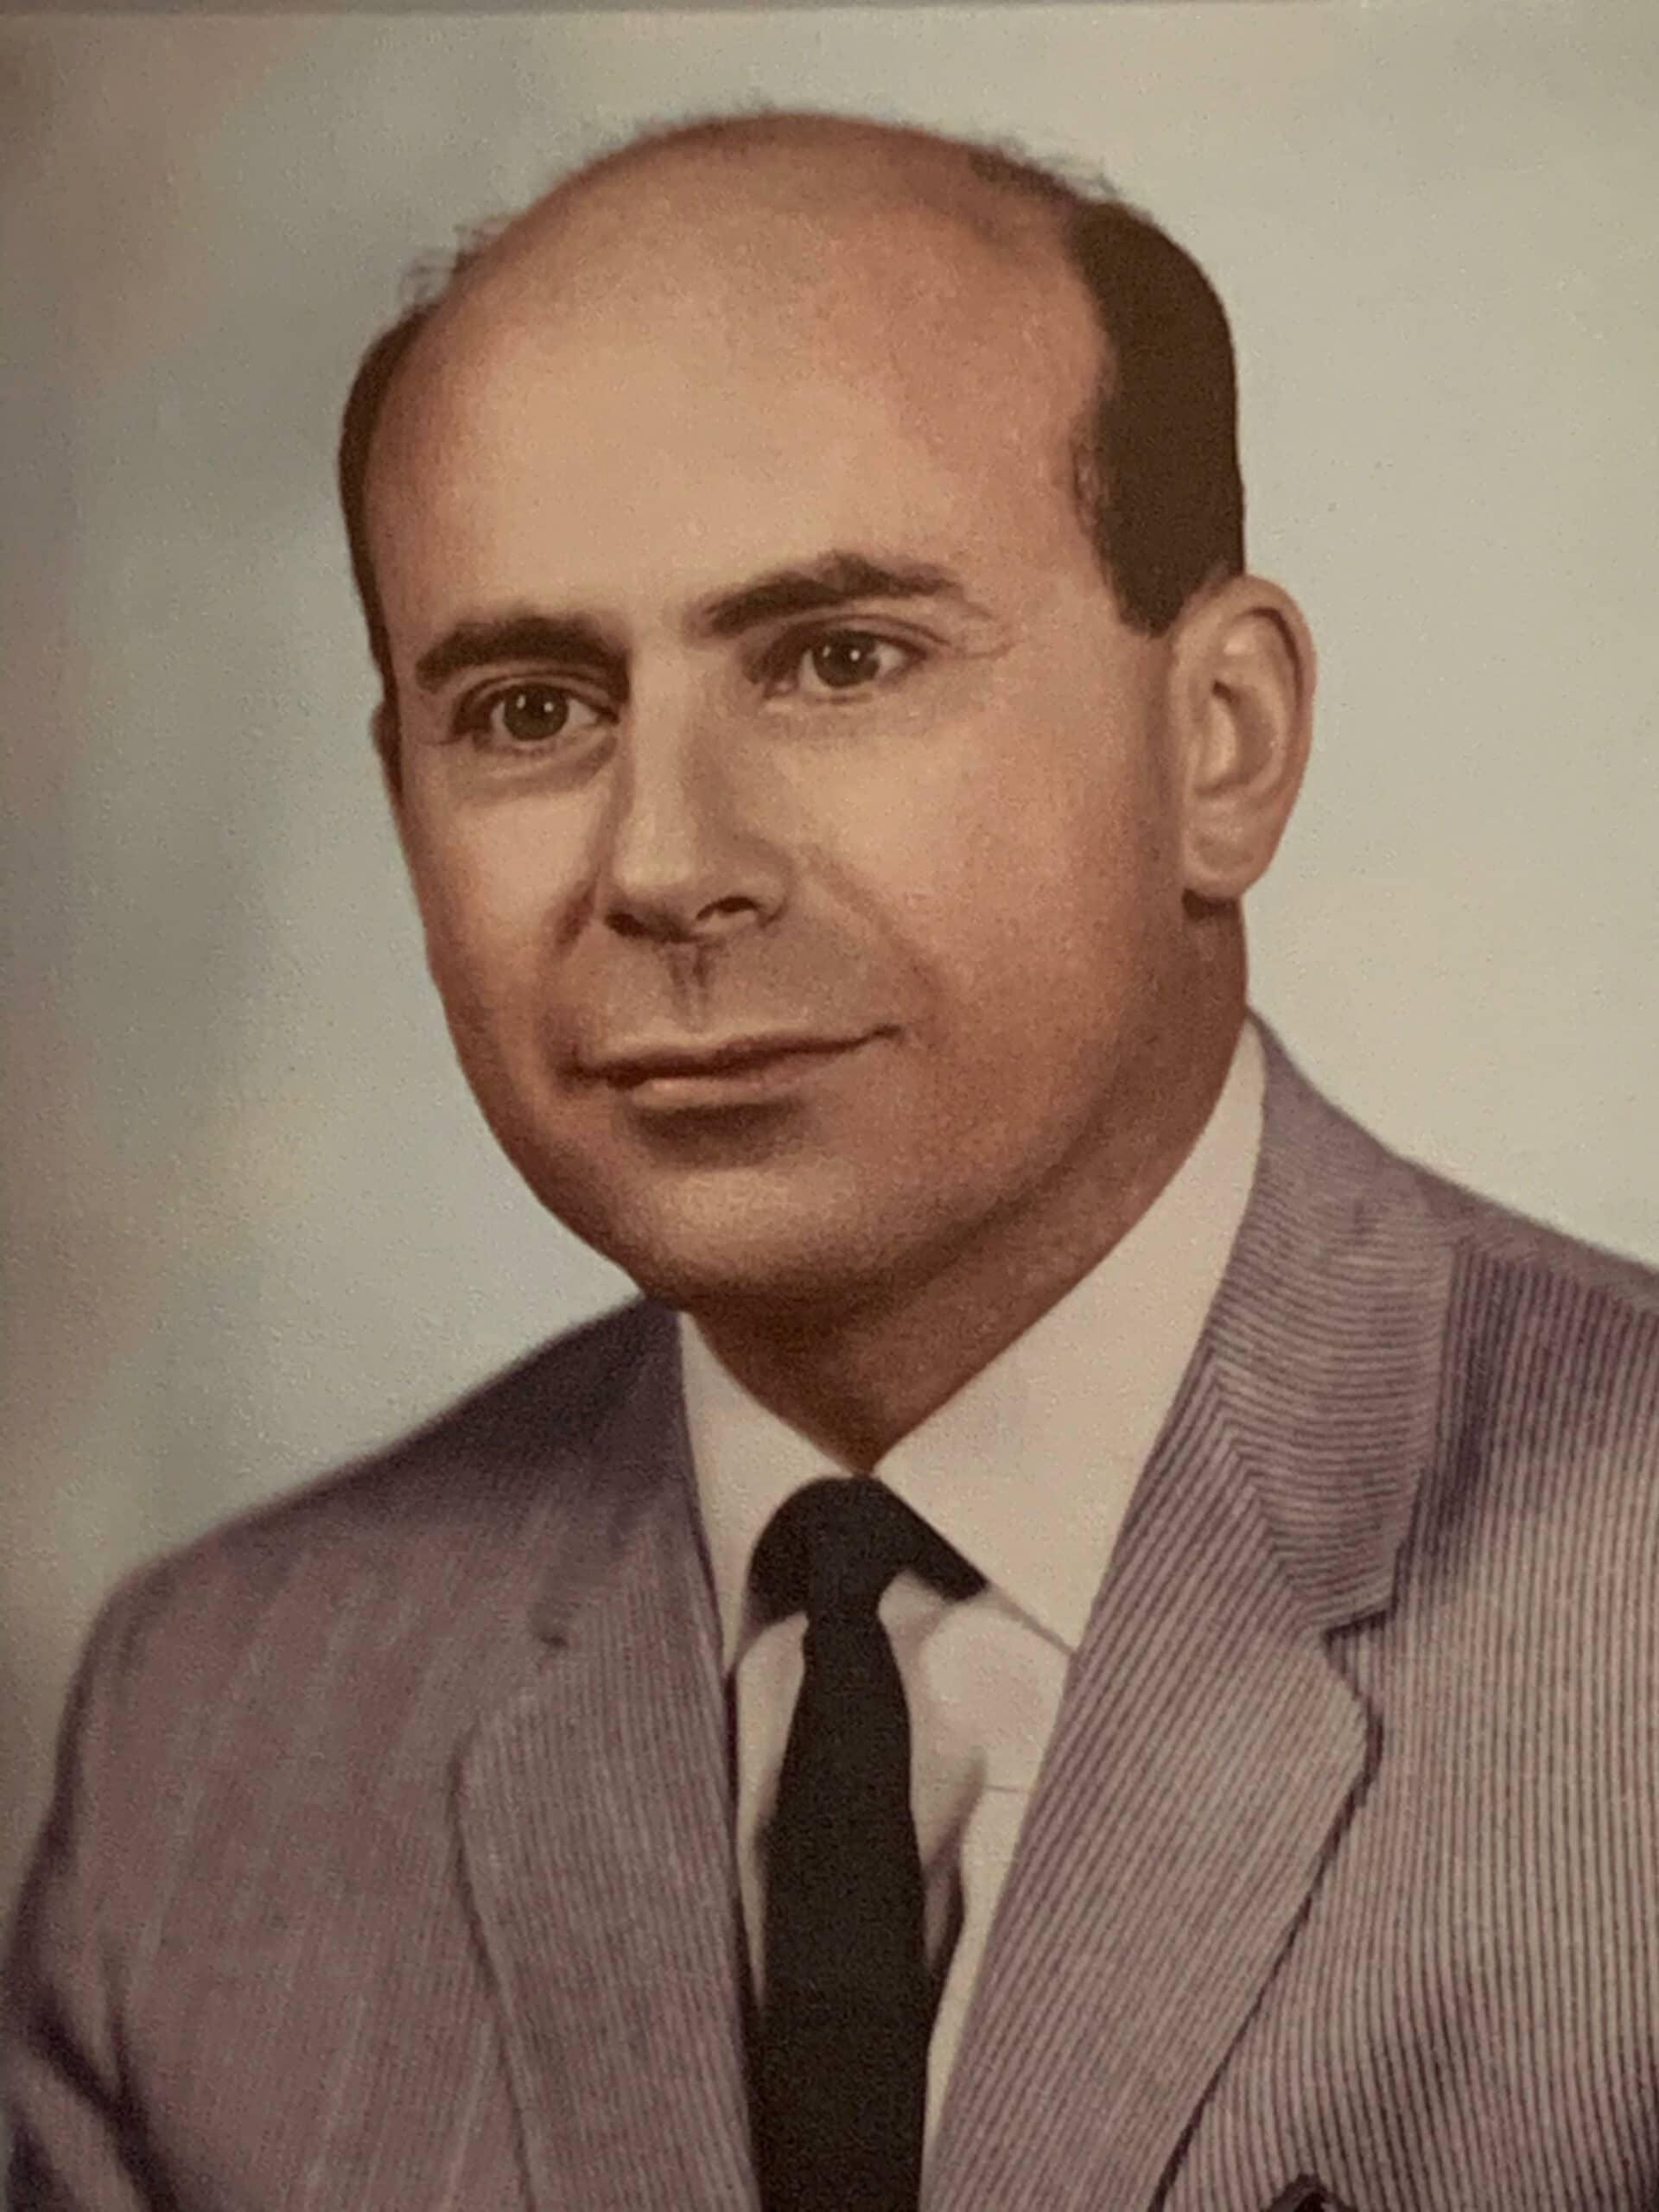 Orlando Cabrera